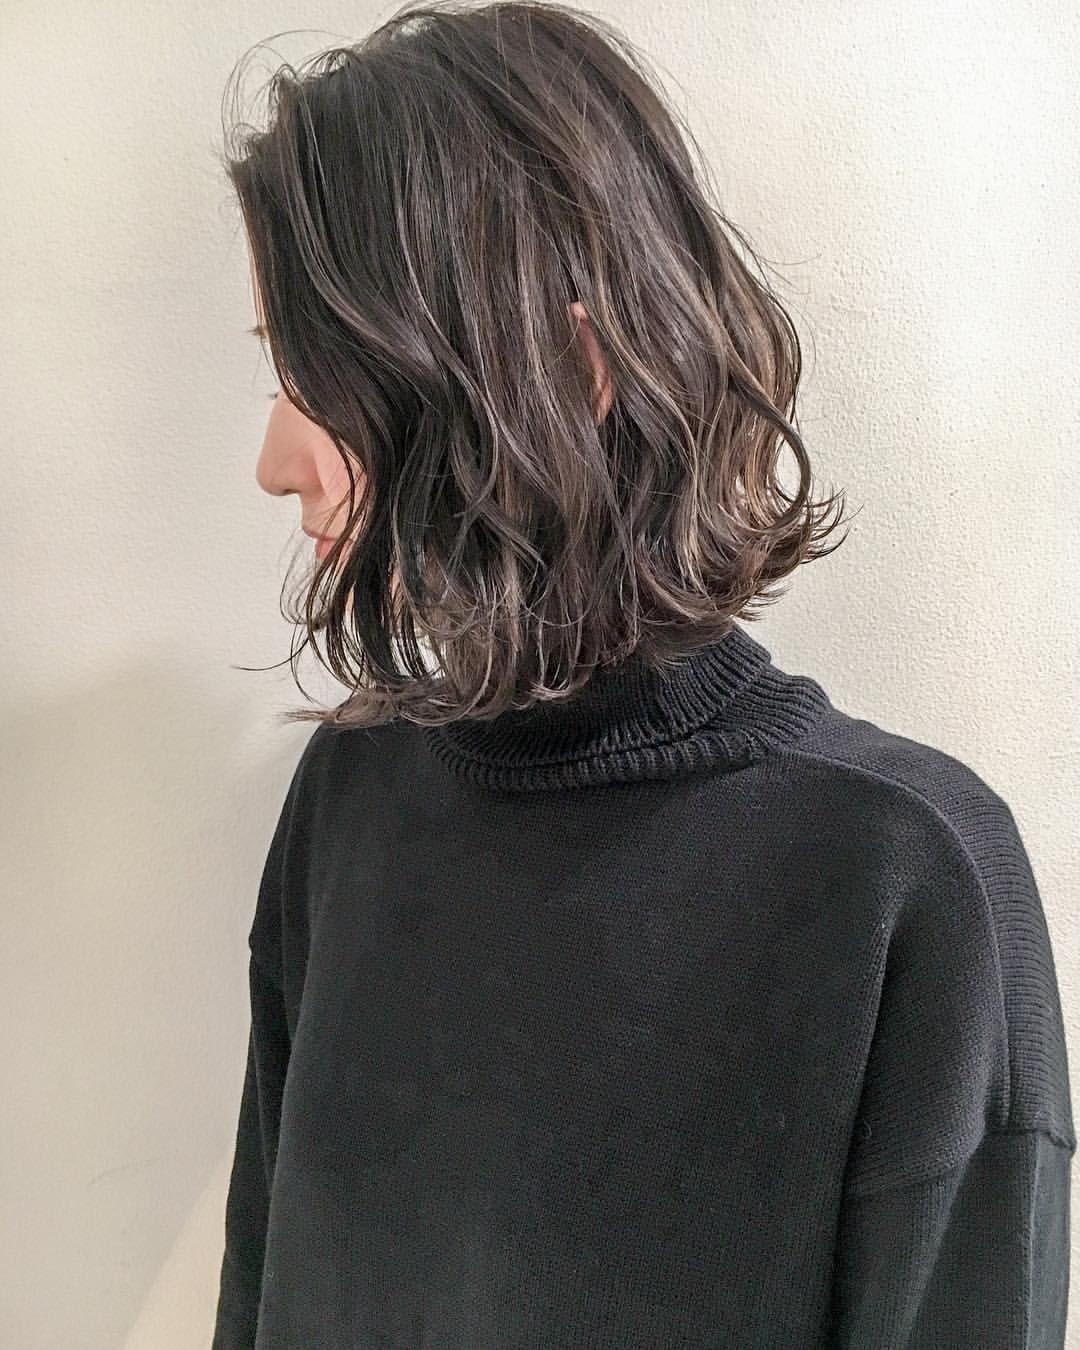 安藤圭哉 Shima Annex Stylistさんはinstagramを利用しています カラーオーダー最近急上昇の 3d ハイライト ベースの細かいハイライトに地毛のようなナチュラルなローライトで自然なデザインカラーを Shima きりっぱな Haarschnitt Haare Schnittchen